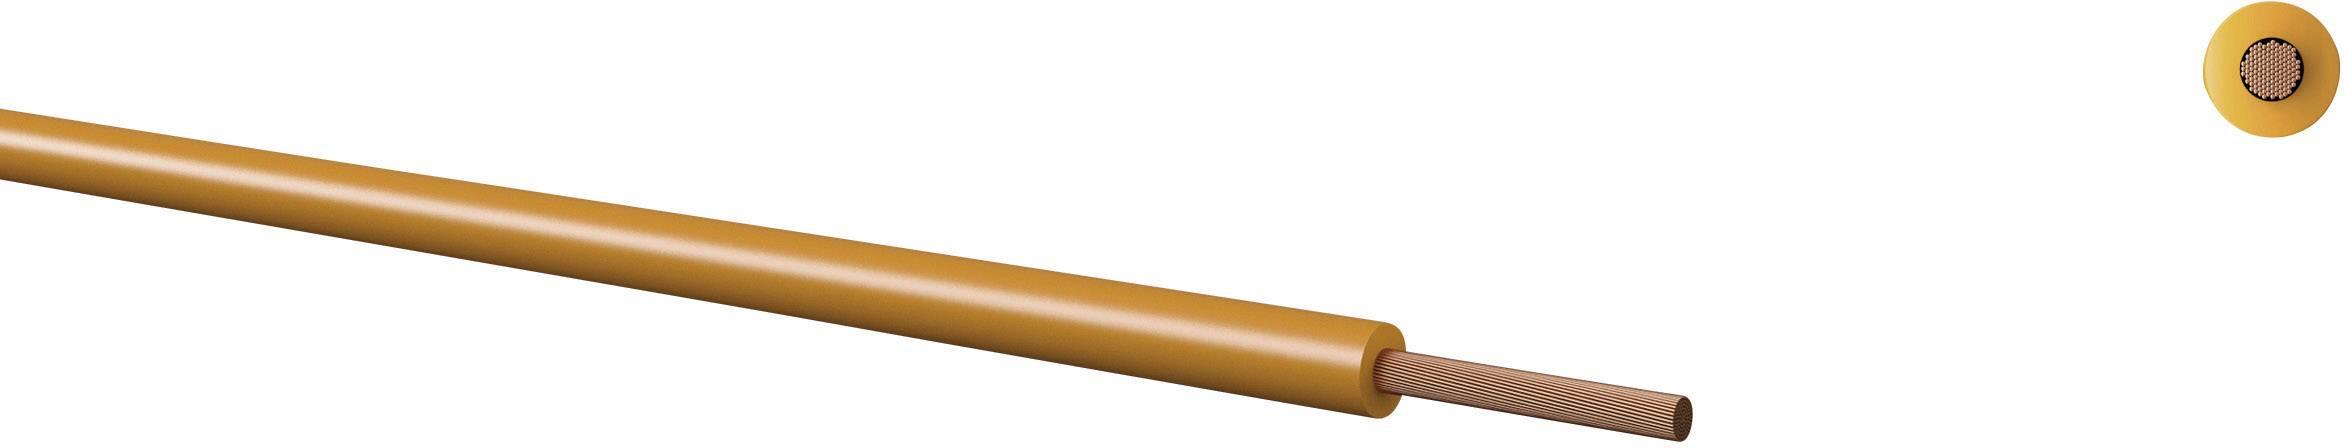 Opletenie / lanko Kabeltronik 160115002 LiFY, 1 x 1.50 mm², vonkajší Ø 3.40 mm, metrový tovar, hnedá